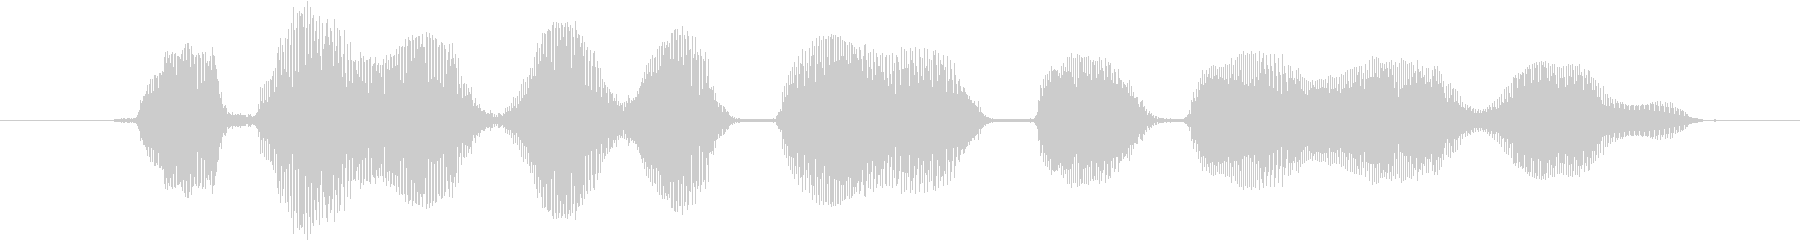 鳴き声 ゴブリン笑い02の未再生の波形